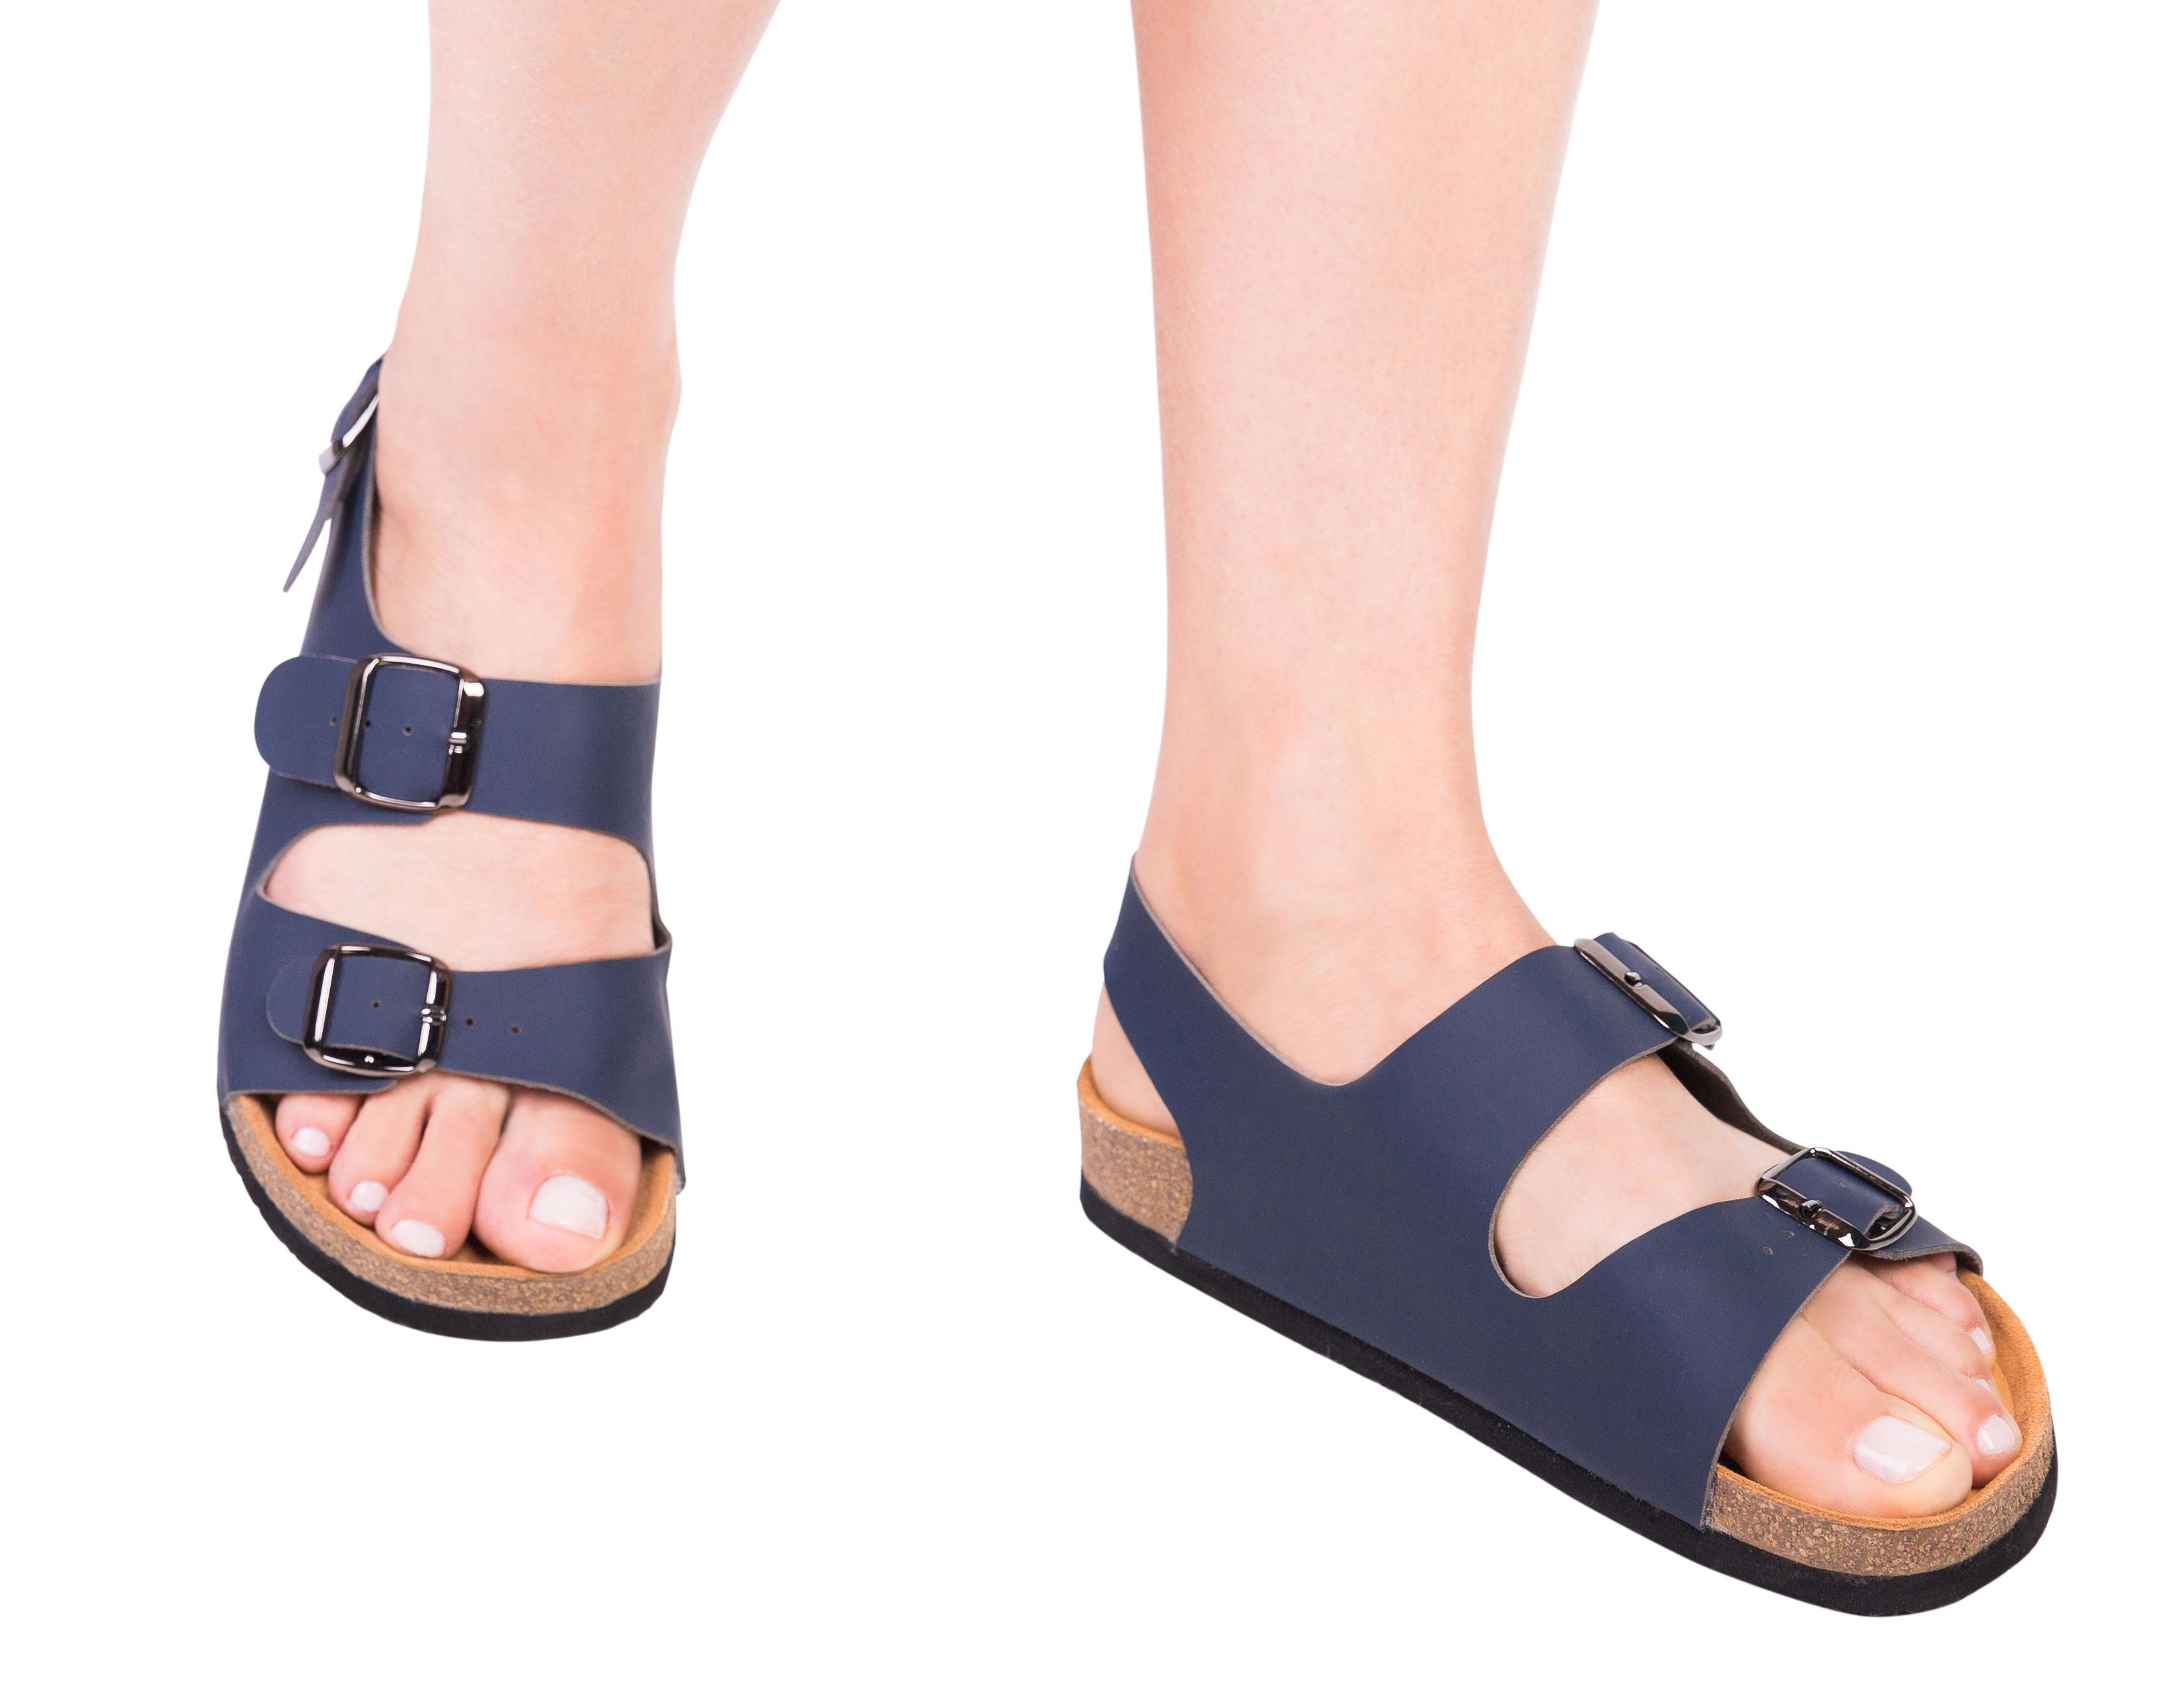 Анатомічні сандалі FA-101